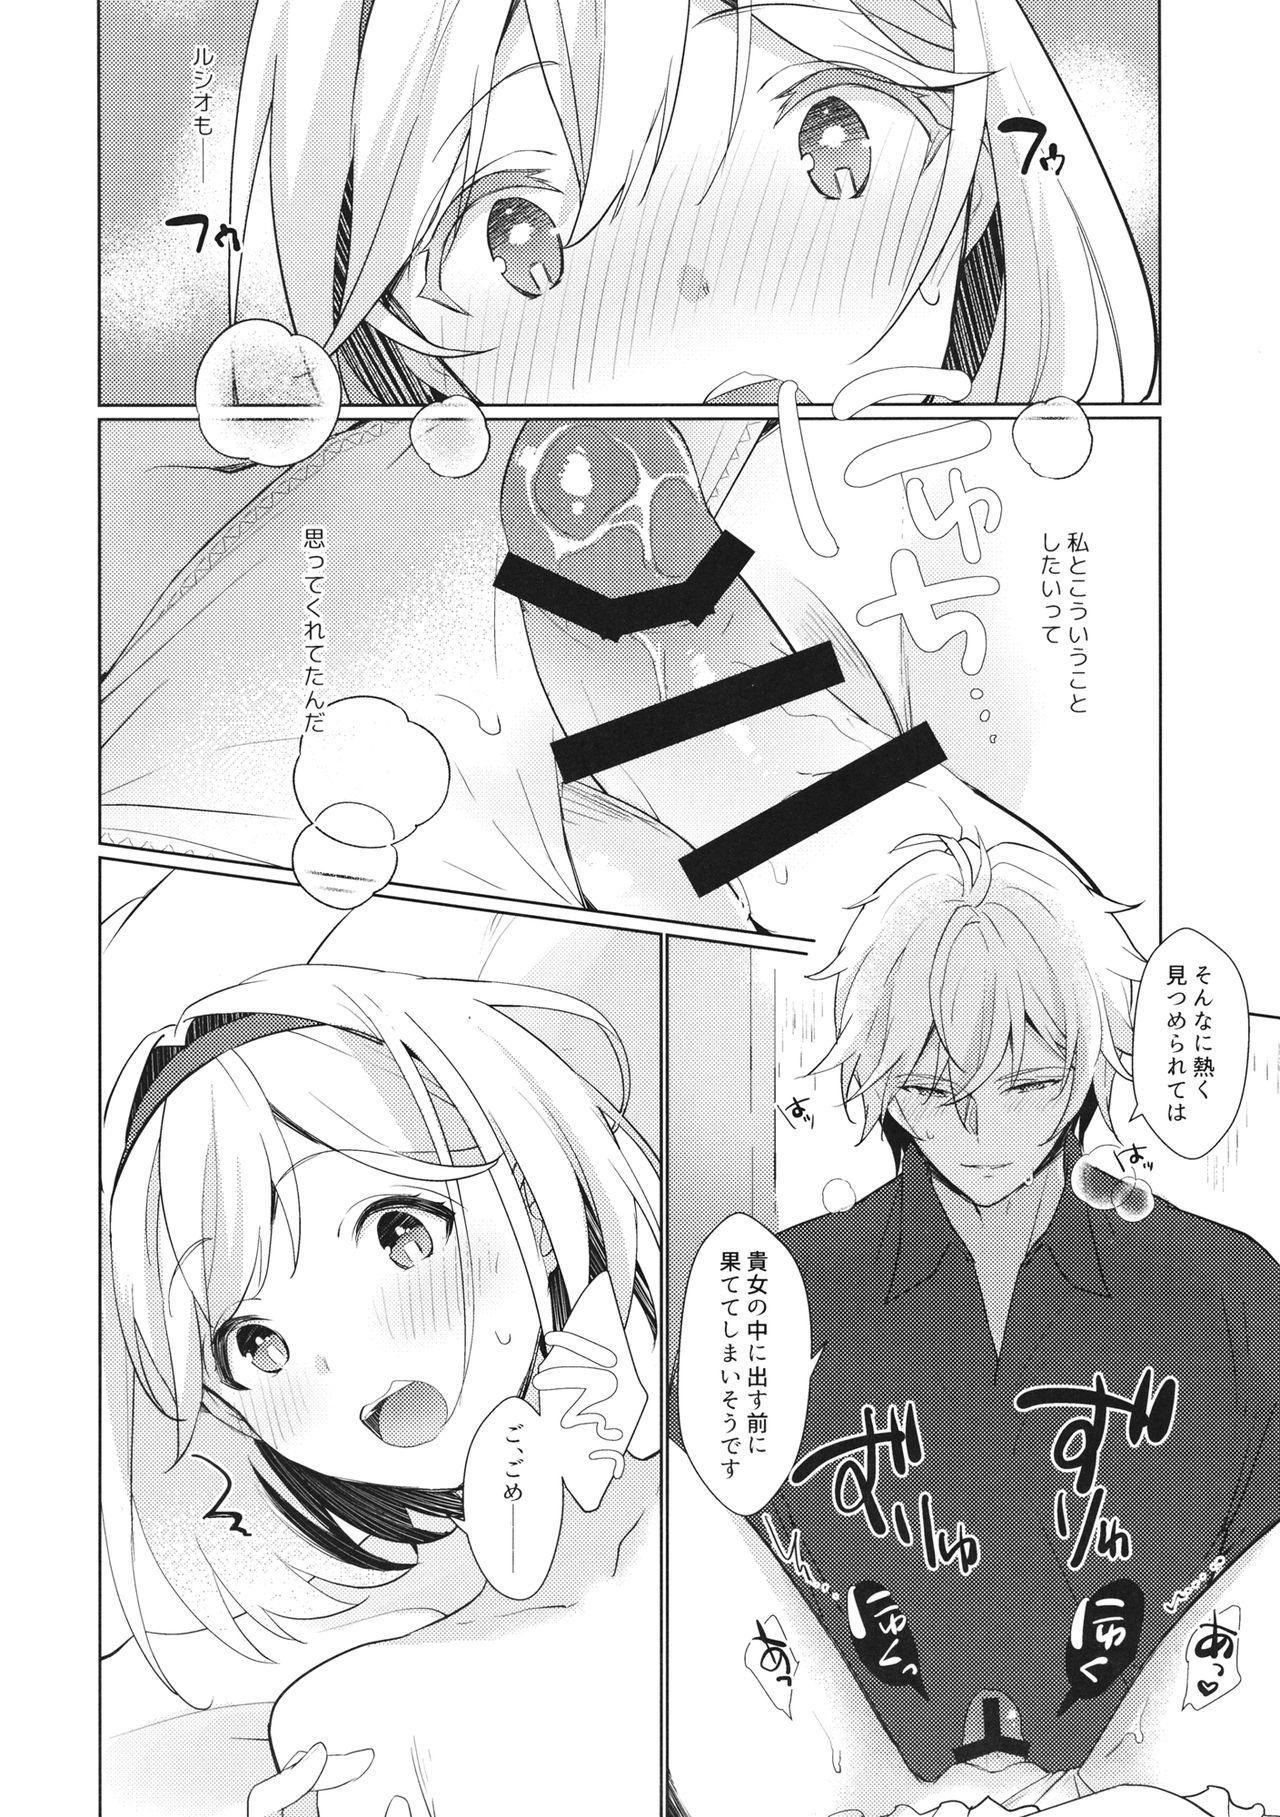 Jingai no Kare ga Ningen Seikatsu Hajimemashita 20